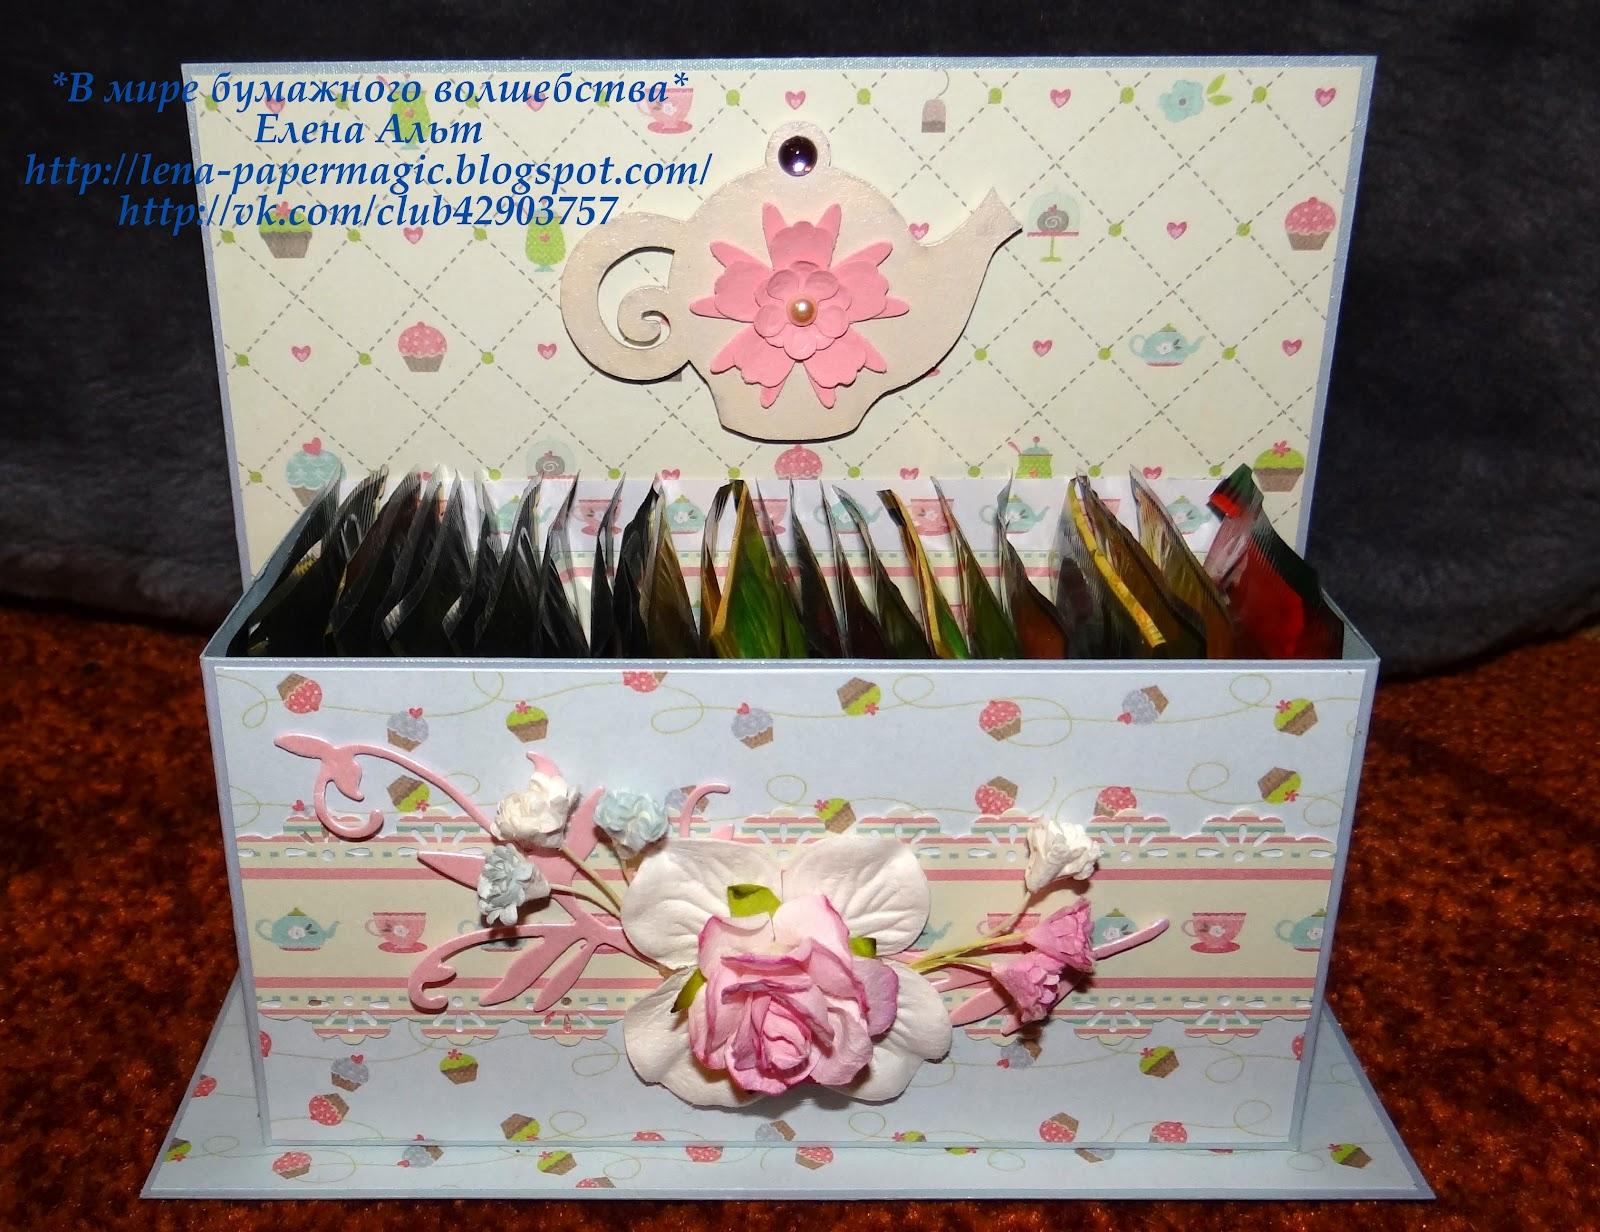 Подарок для воспитателей детского сада на 8 марта быта живые цветы приносят нам радость своей красотой нежностью правильно